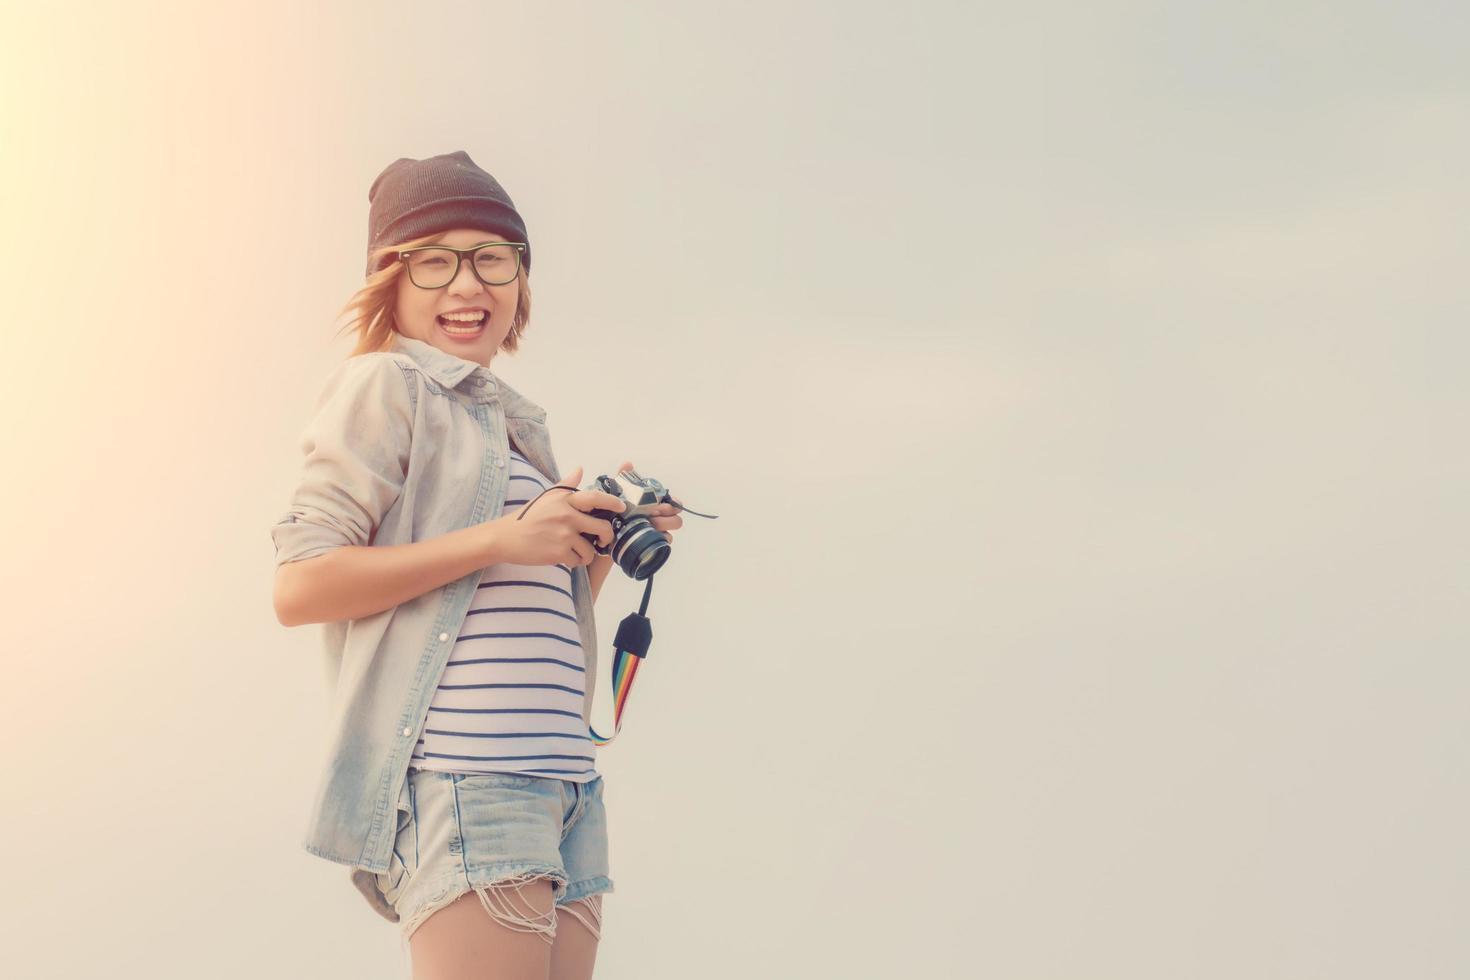 bella giovane donna fotografo tenendo la fotocamera retrò foto